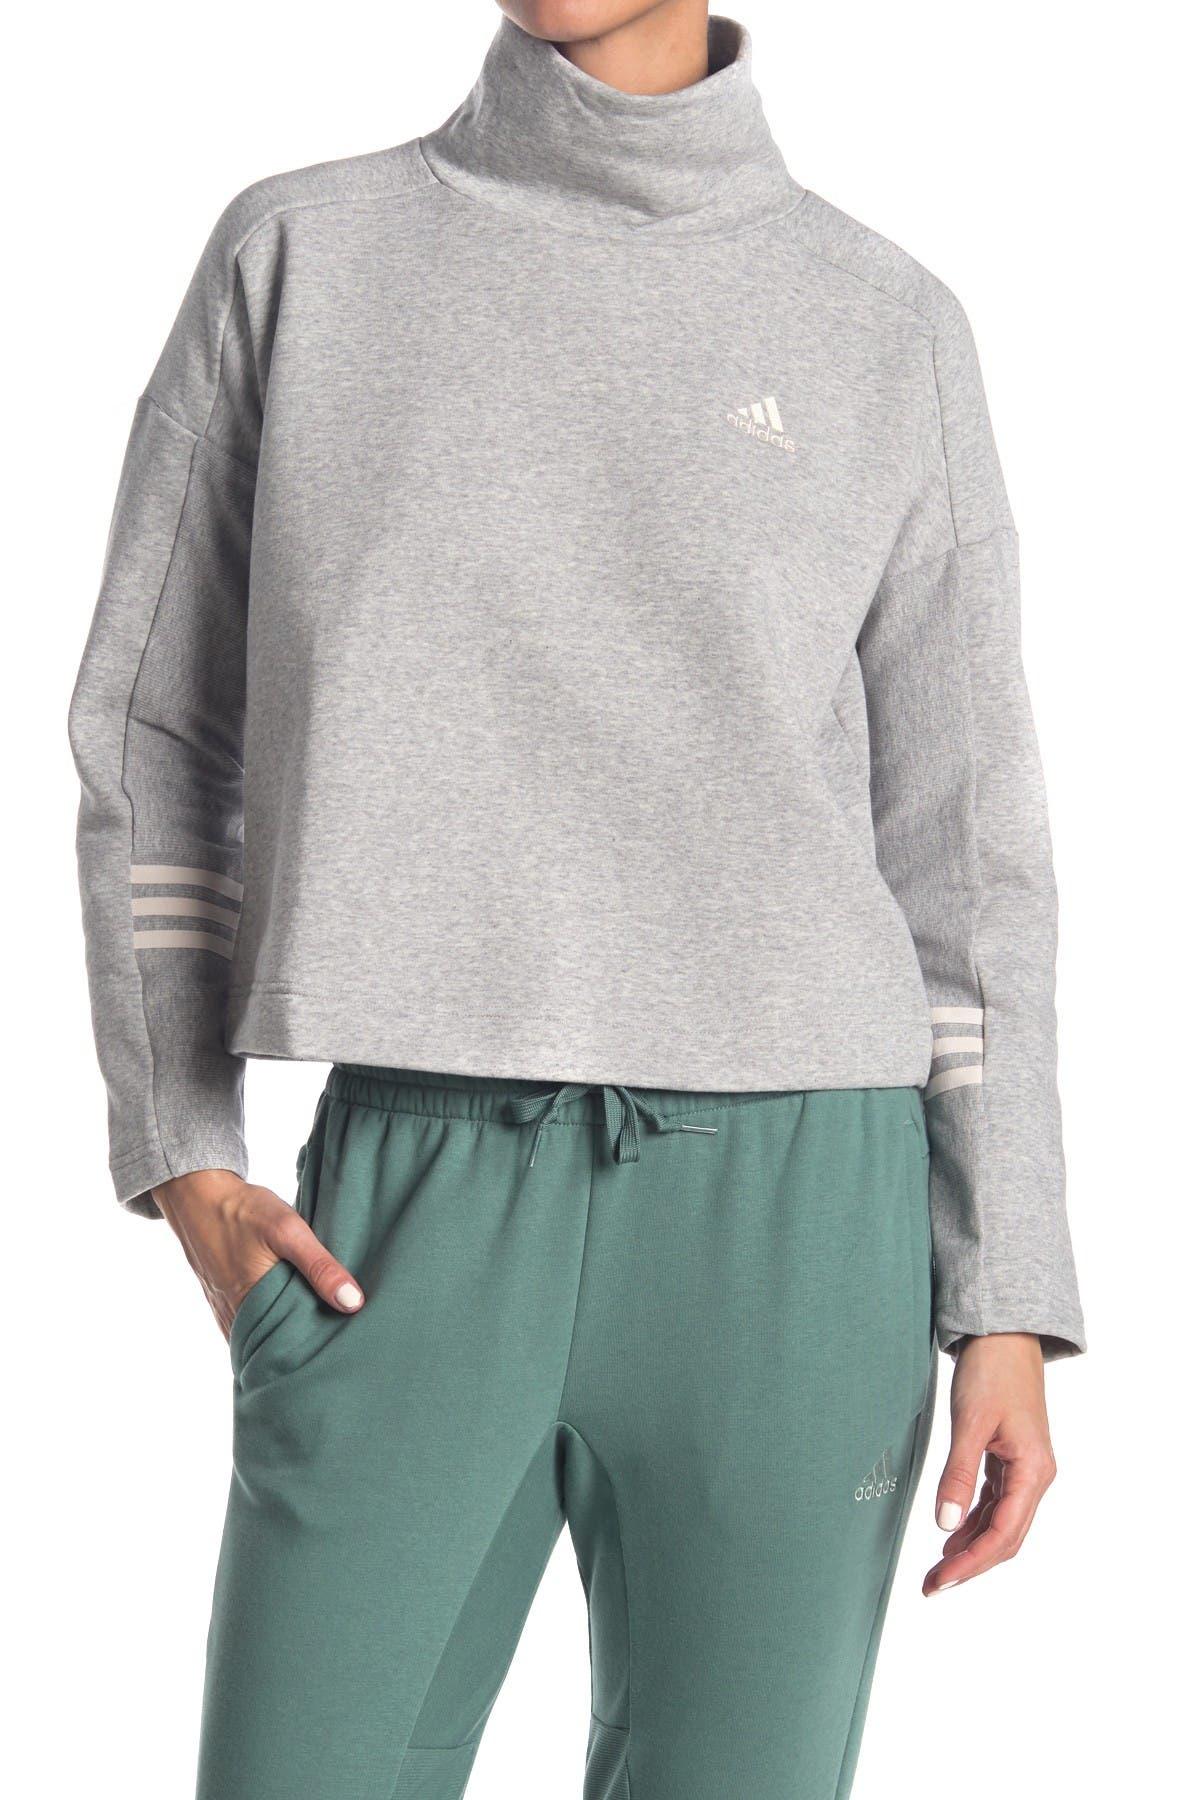 Image of adidas Comfort Mock Neck Back Zip Sweatshirt